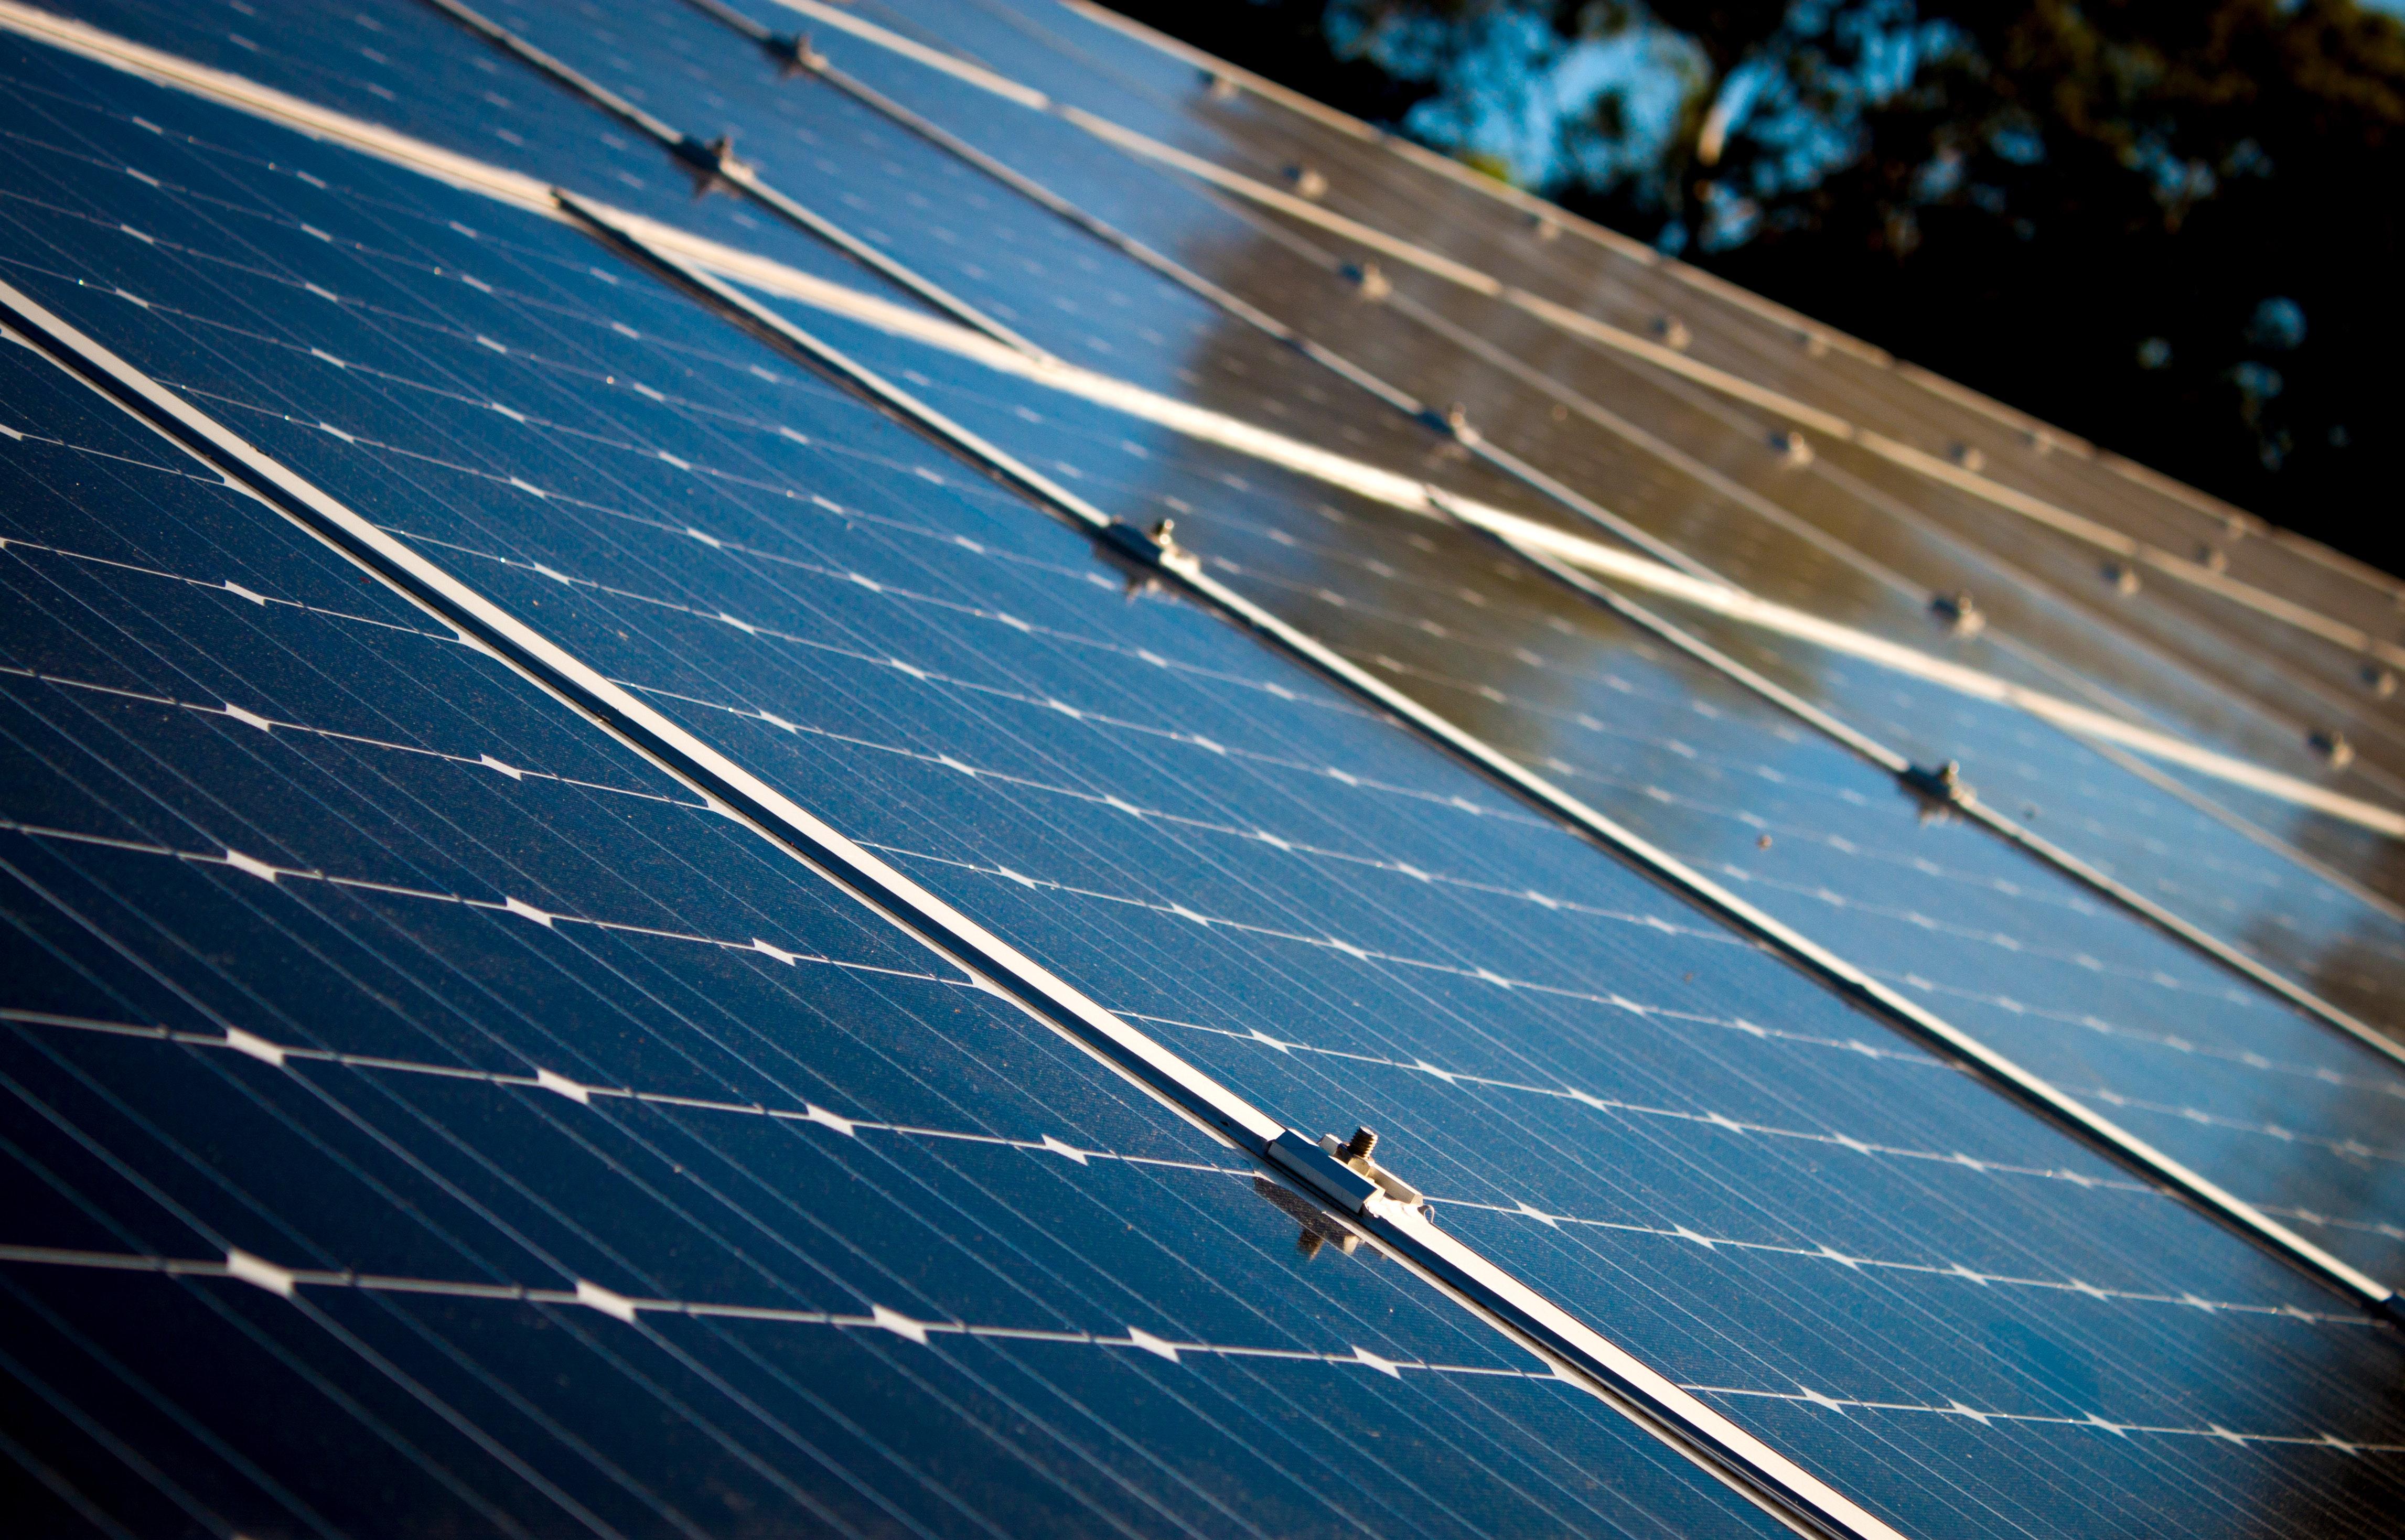 Další čeští solárníci míří raději do zahraničí, fungují i bez dotací